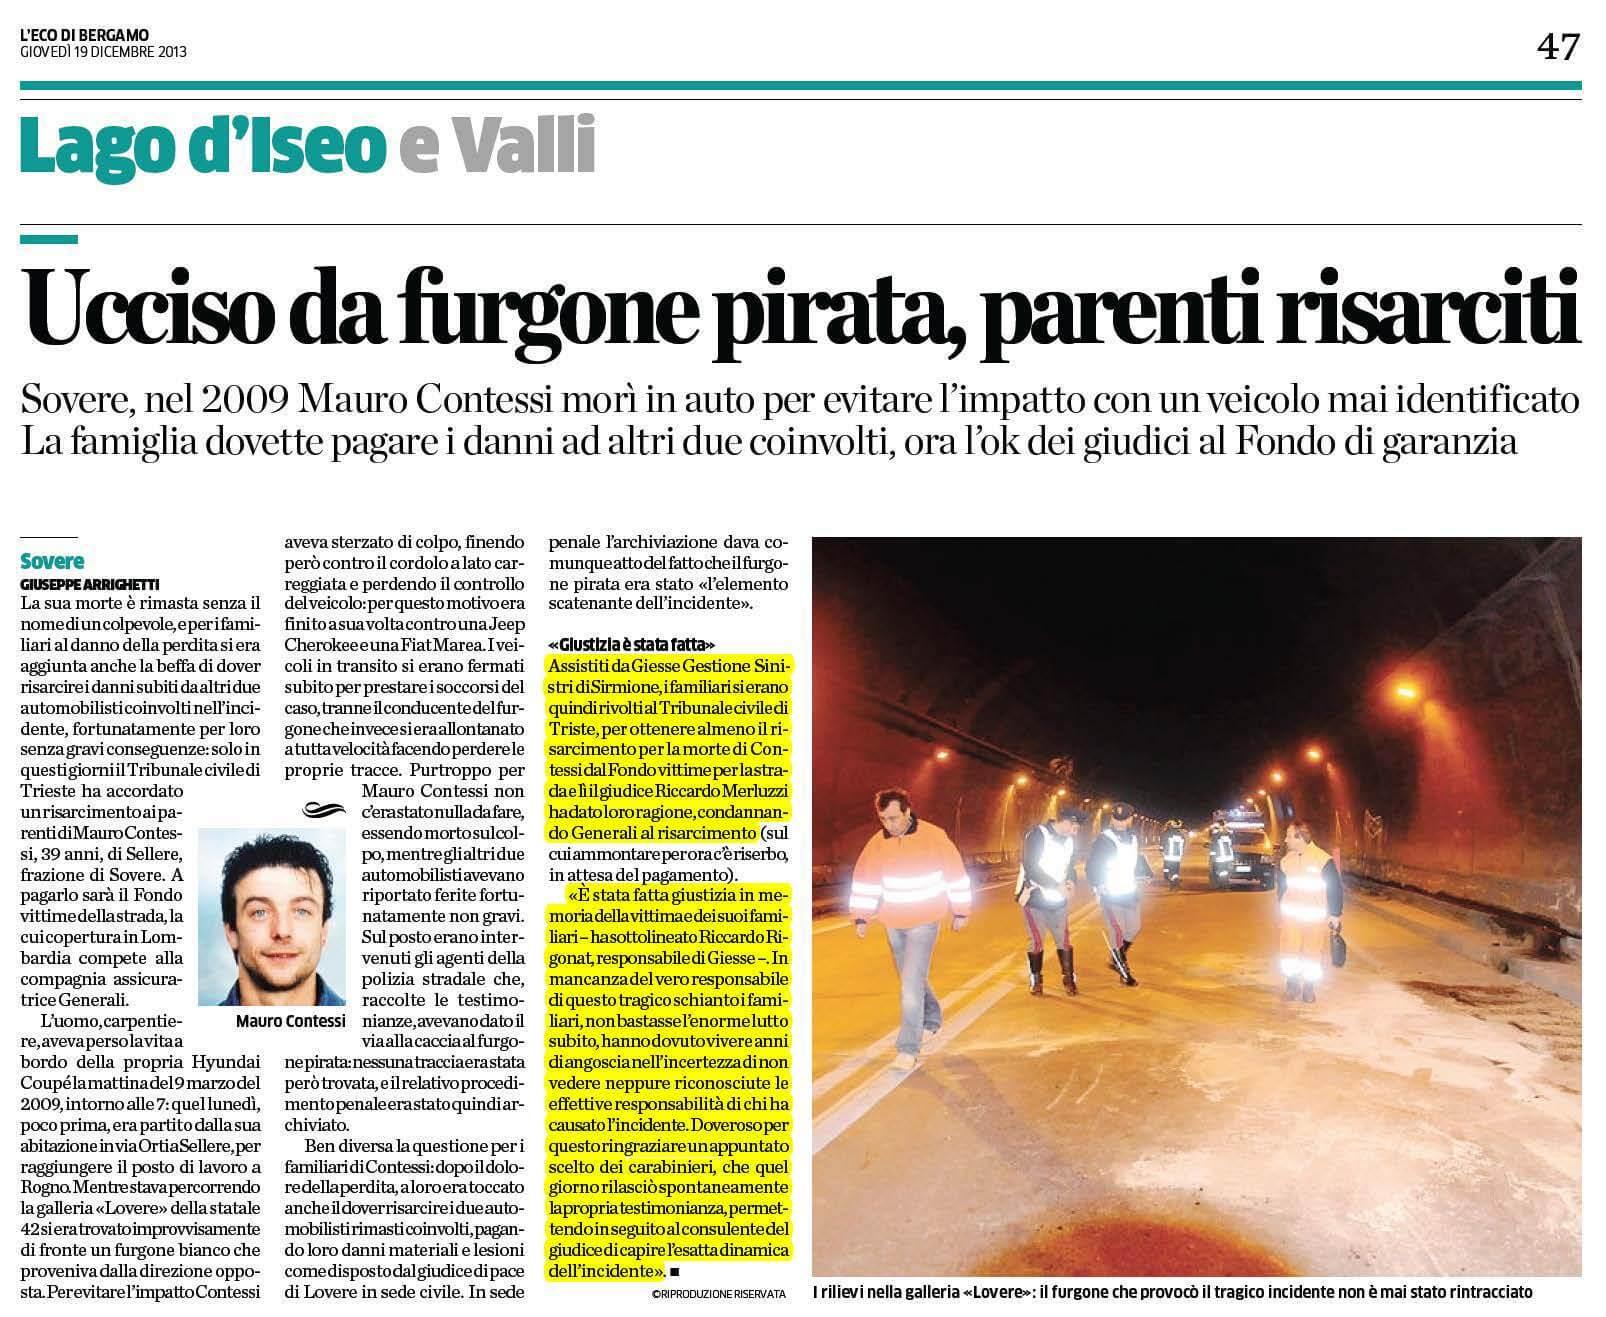 Articolo-Mauro-Contessi-risarcimenento-indicente-stradale